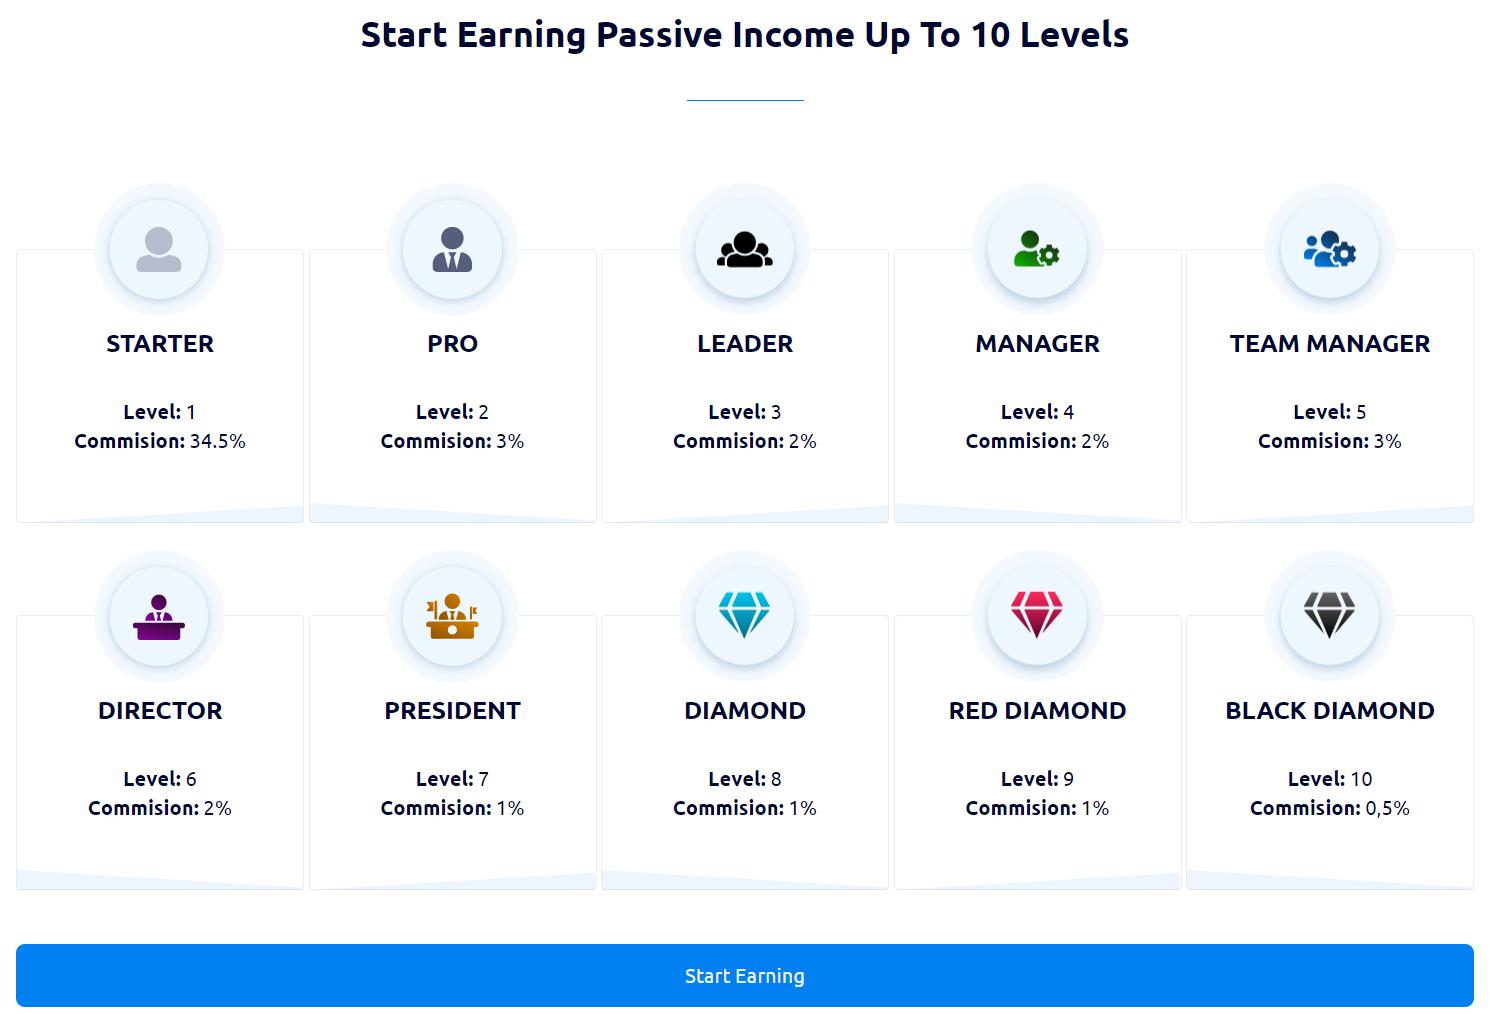 starter earning